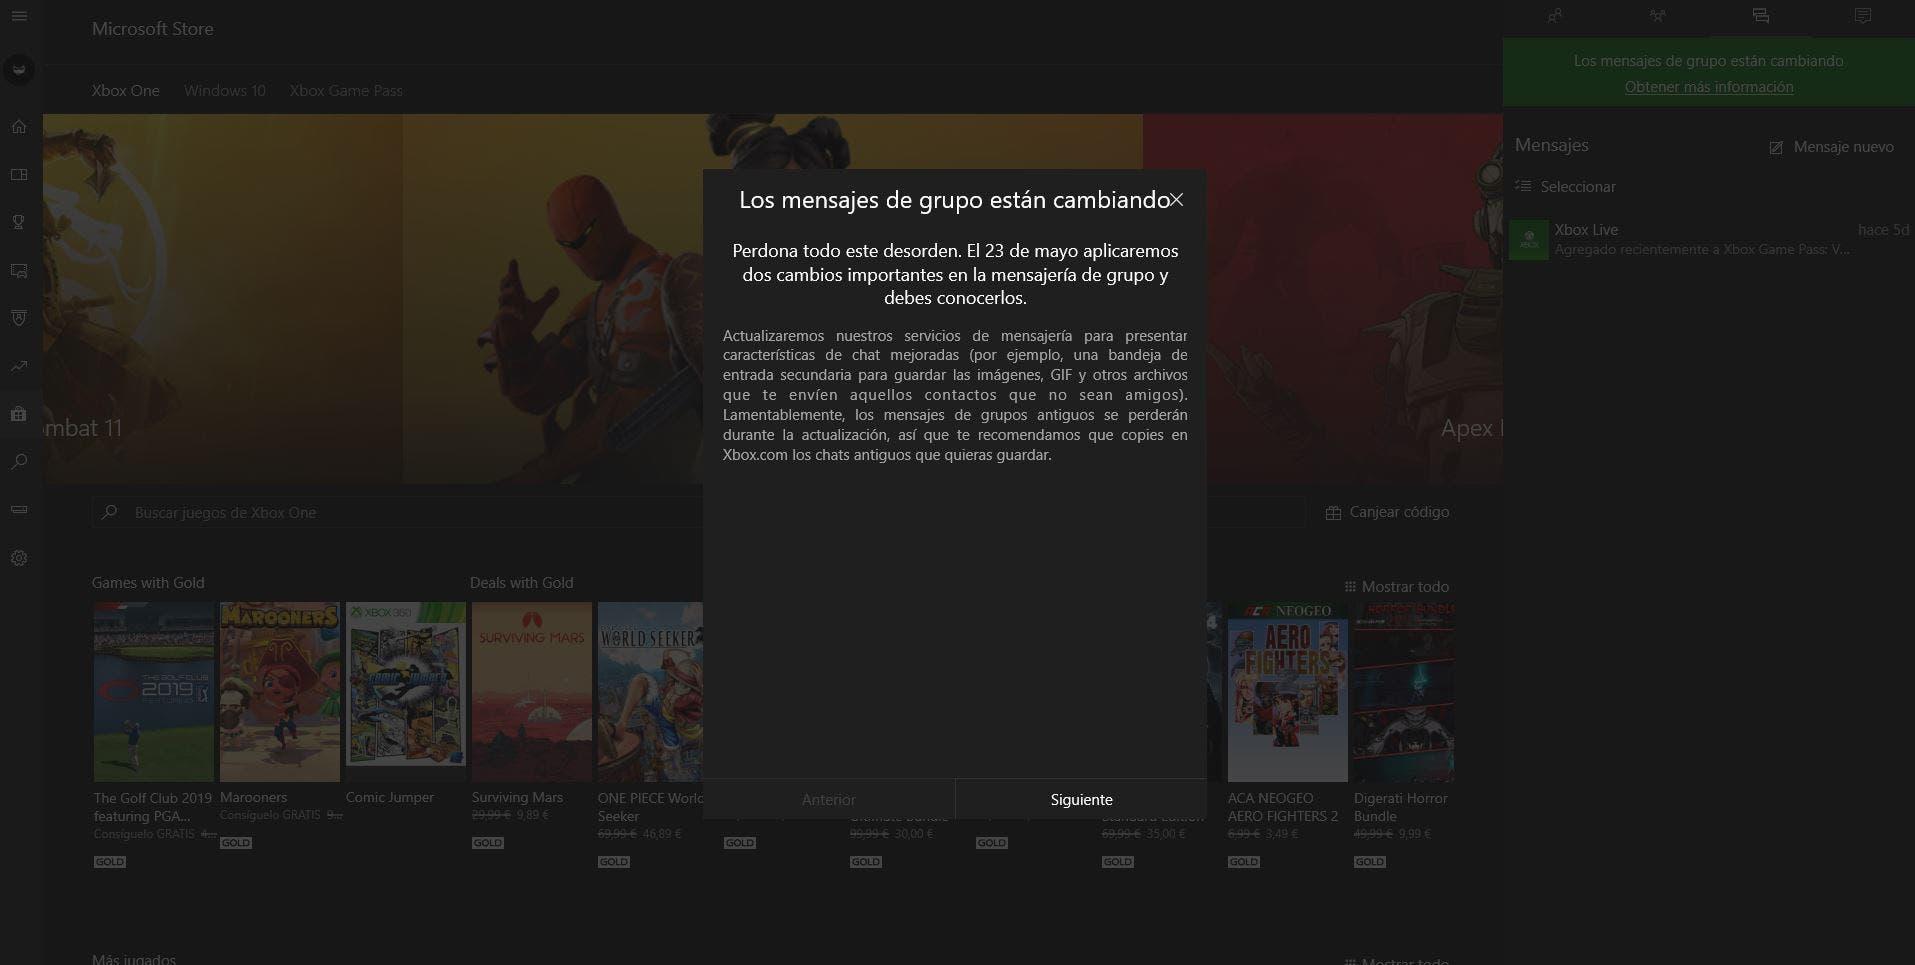 La mensajería de Xbox dará soporte a los GIFs en su próxima actualización 2